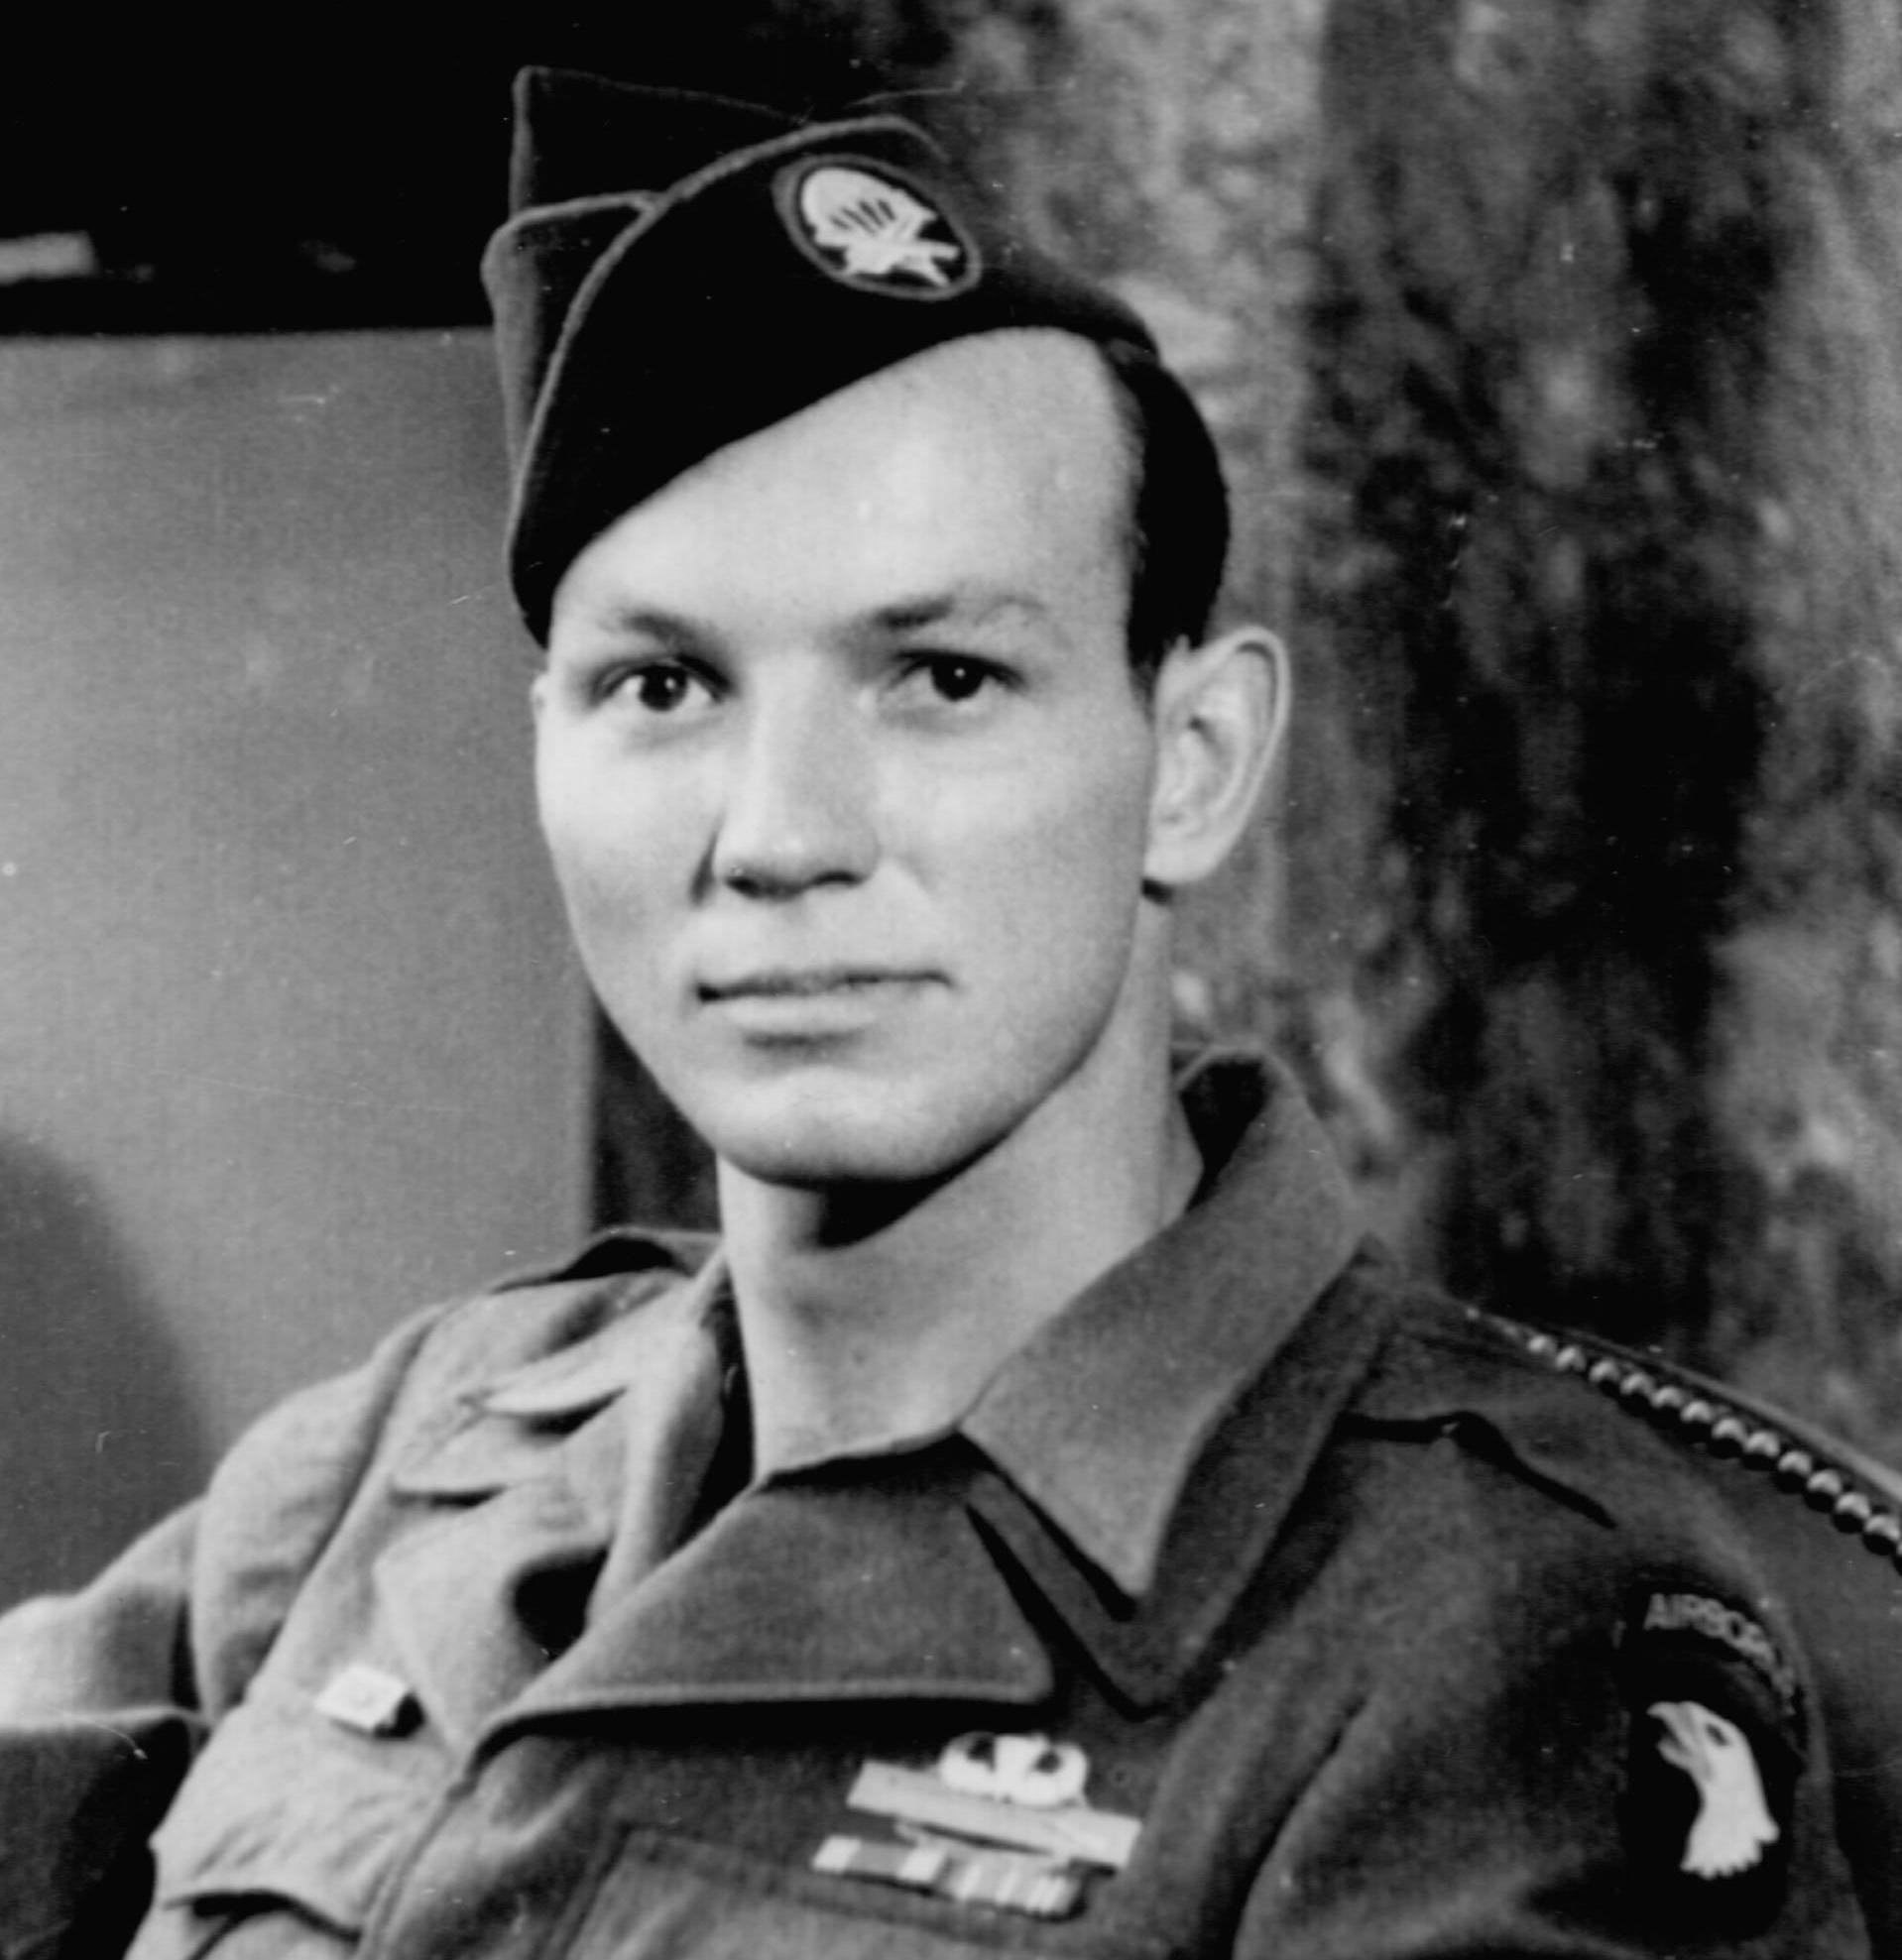 Frank Caflisch WWII